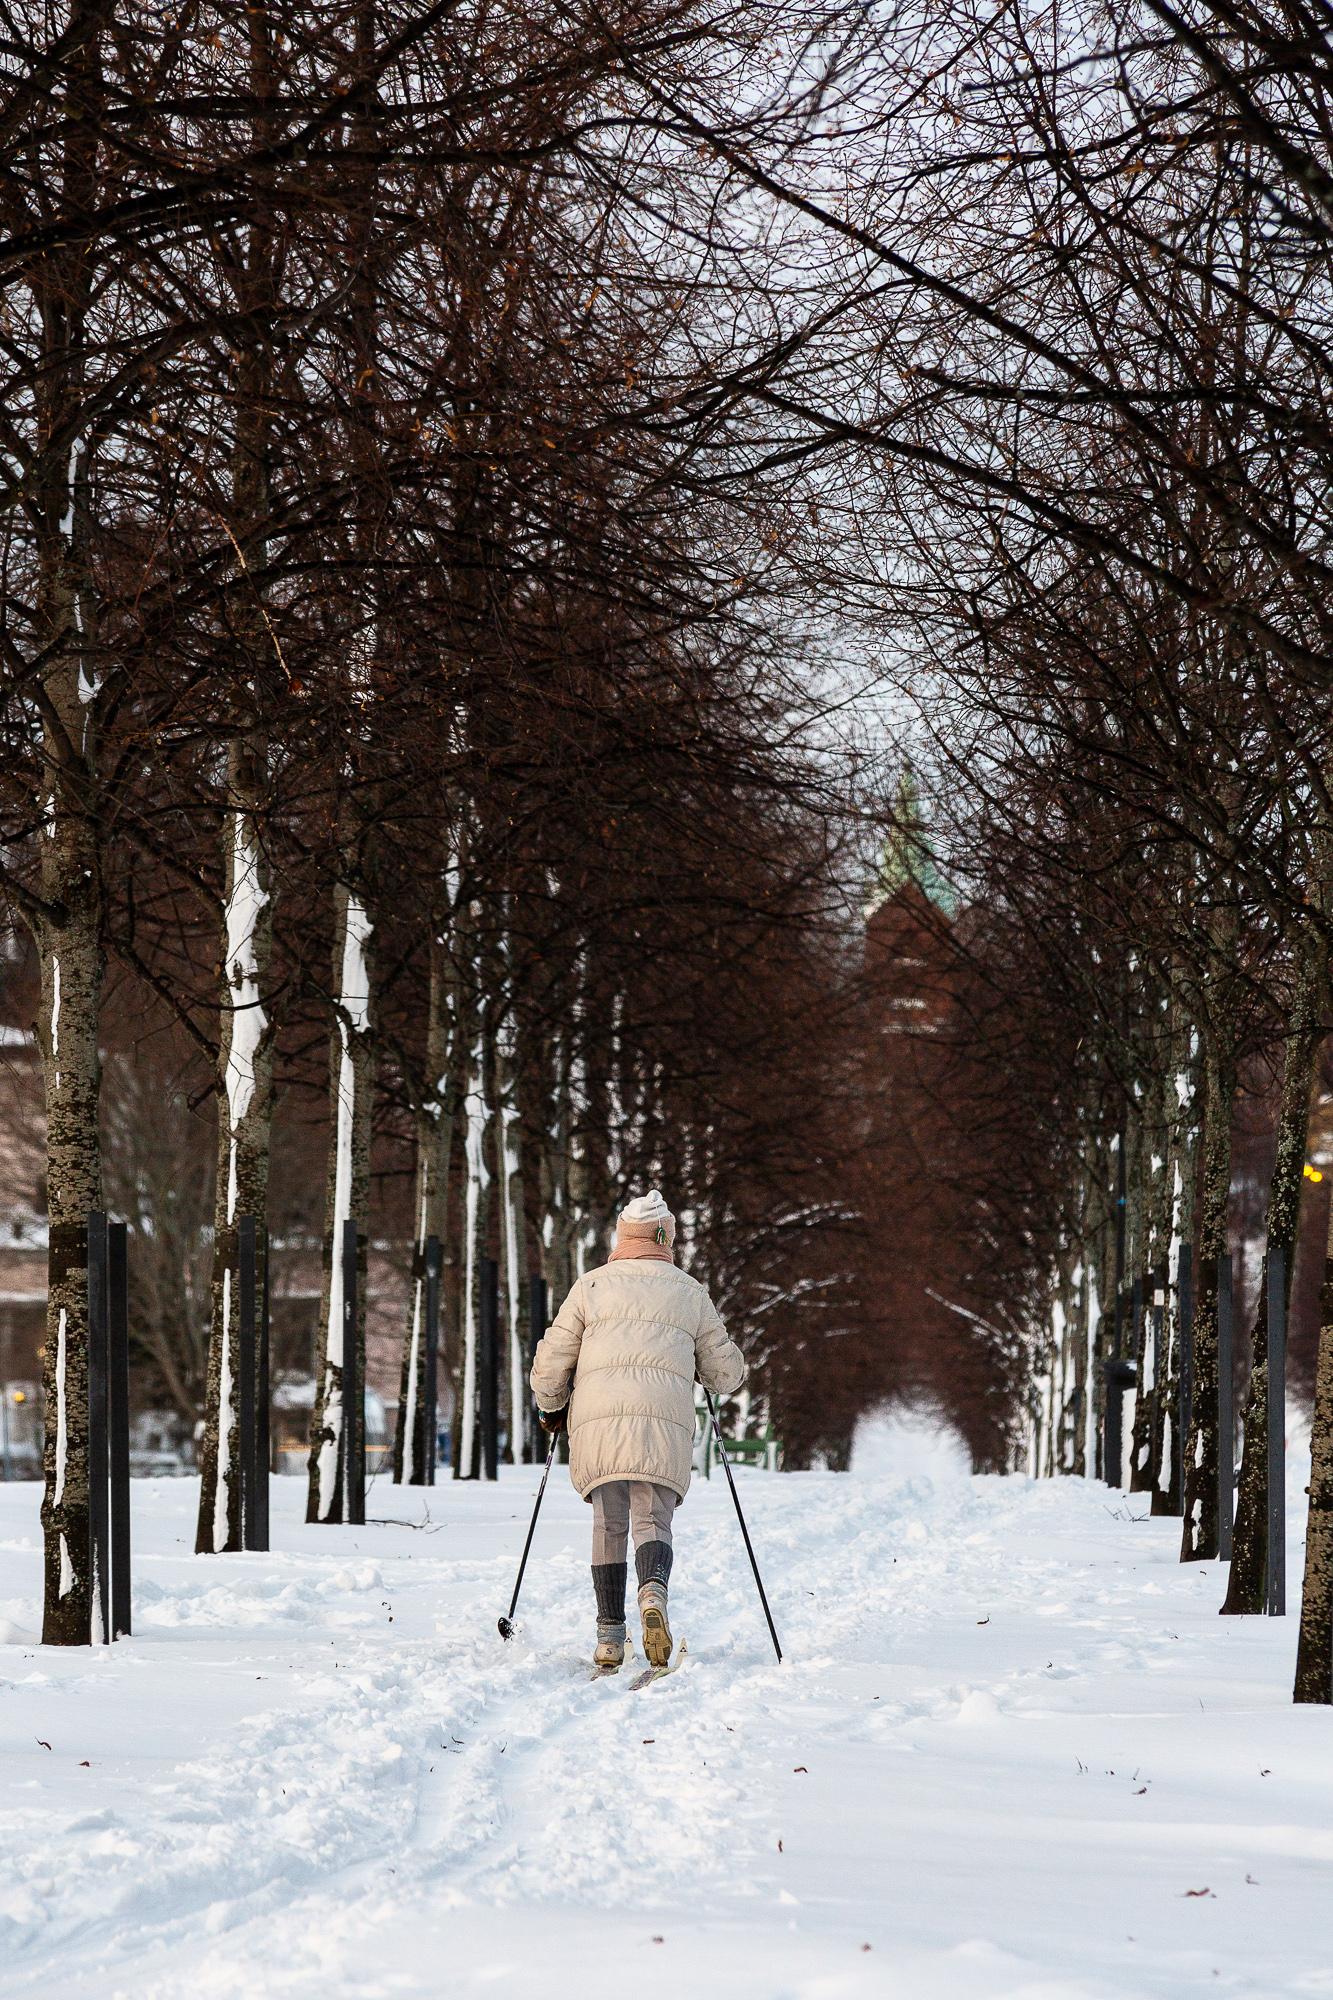 talvi, winter, suomi, finland, visitfinland, finlandphotolovers, luonto, nature, visualaddict, visualaddictfrida, valokuvaaja, photographer, Frida Steiner, skiing, Helsinki